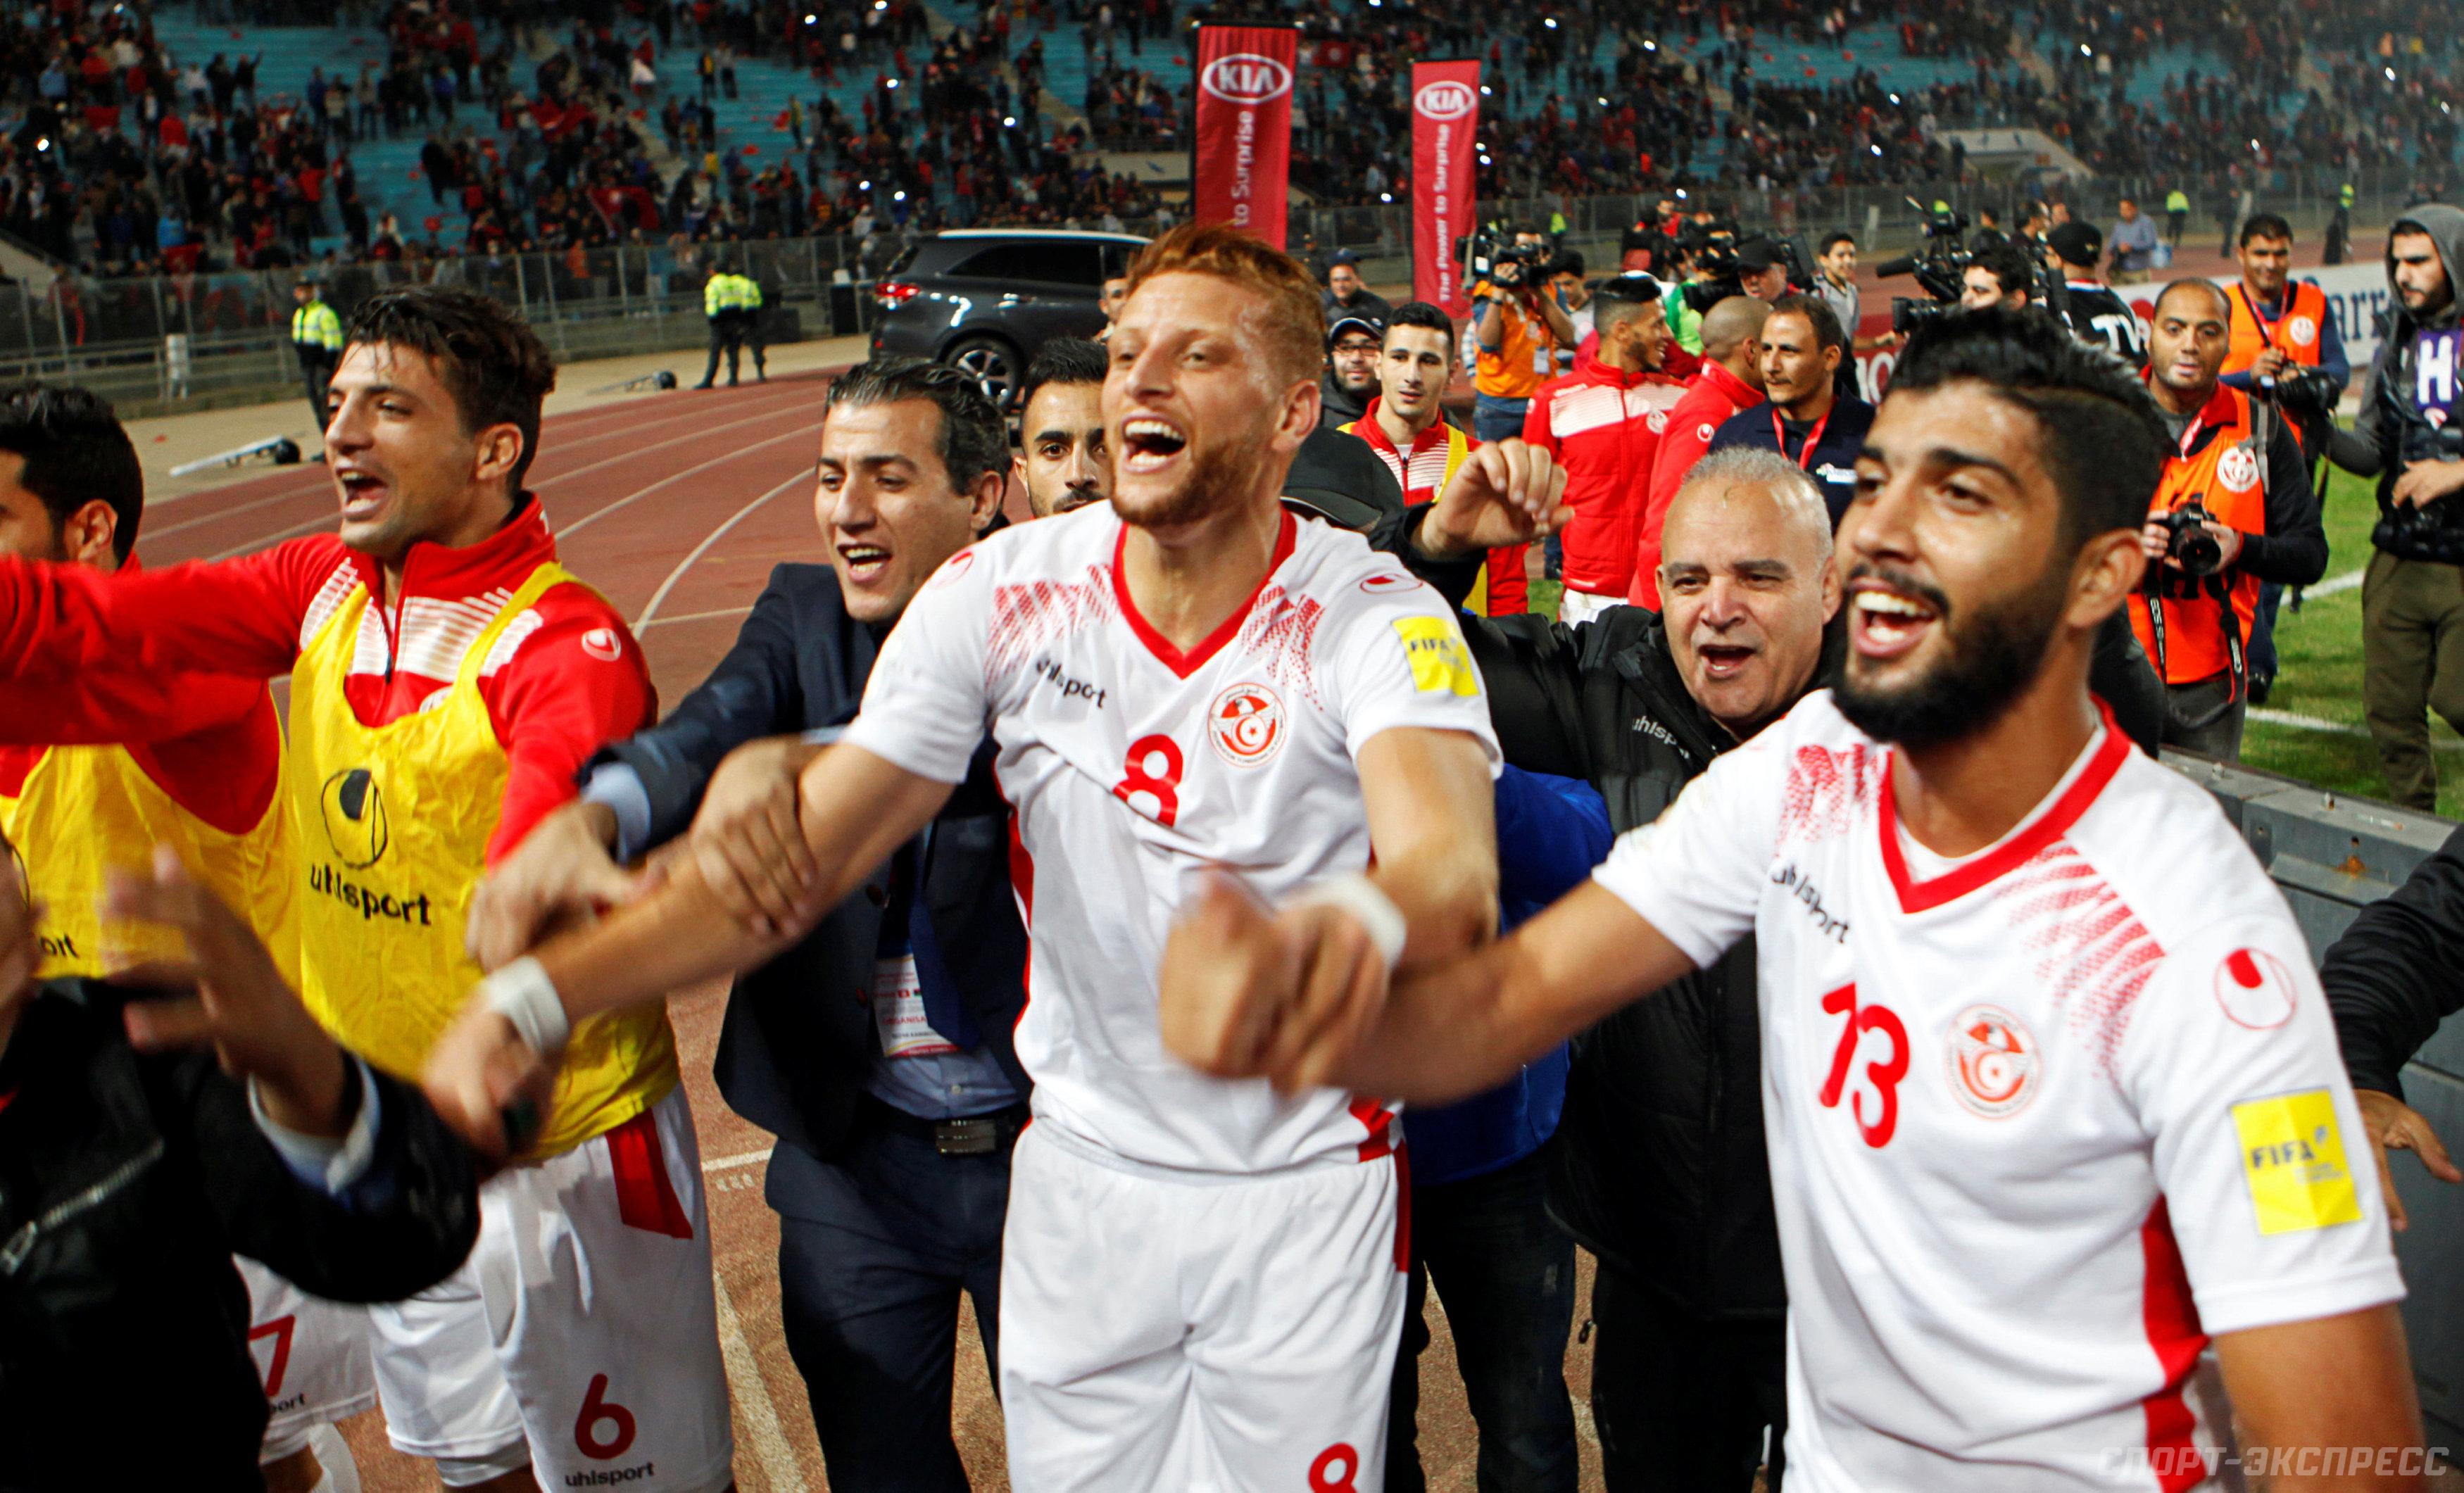 Сборная туниса по футболу картинки